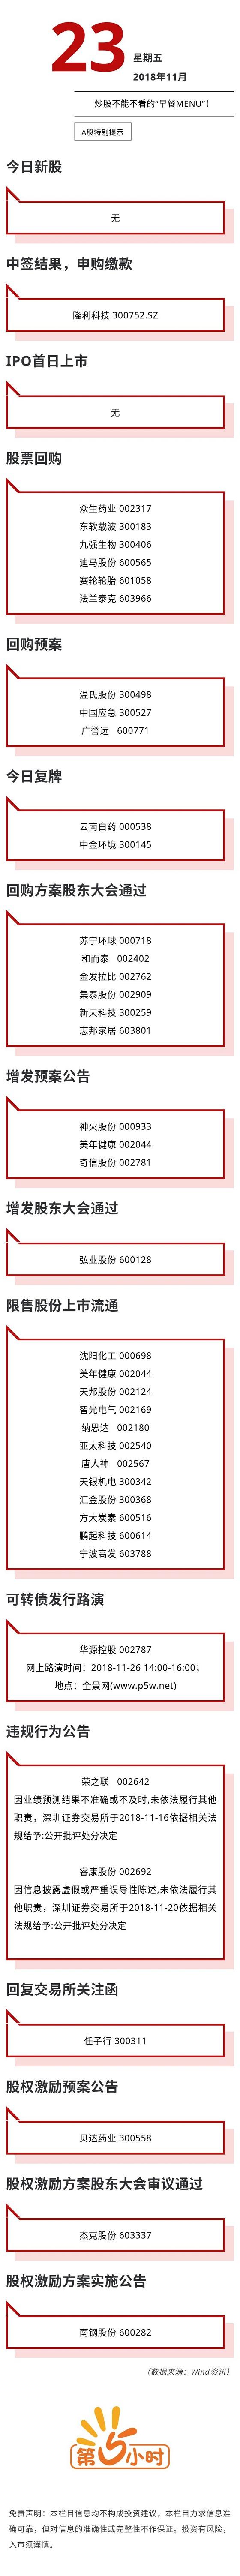 A股特别提示(2018-11-23).jpg